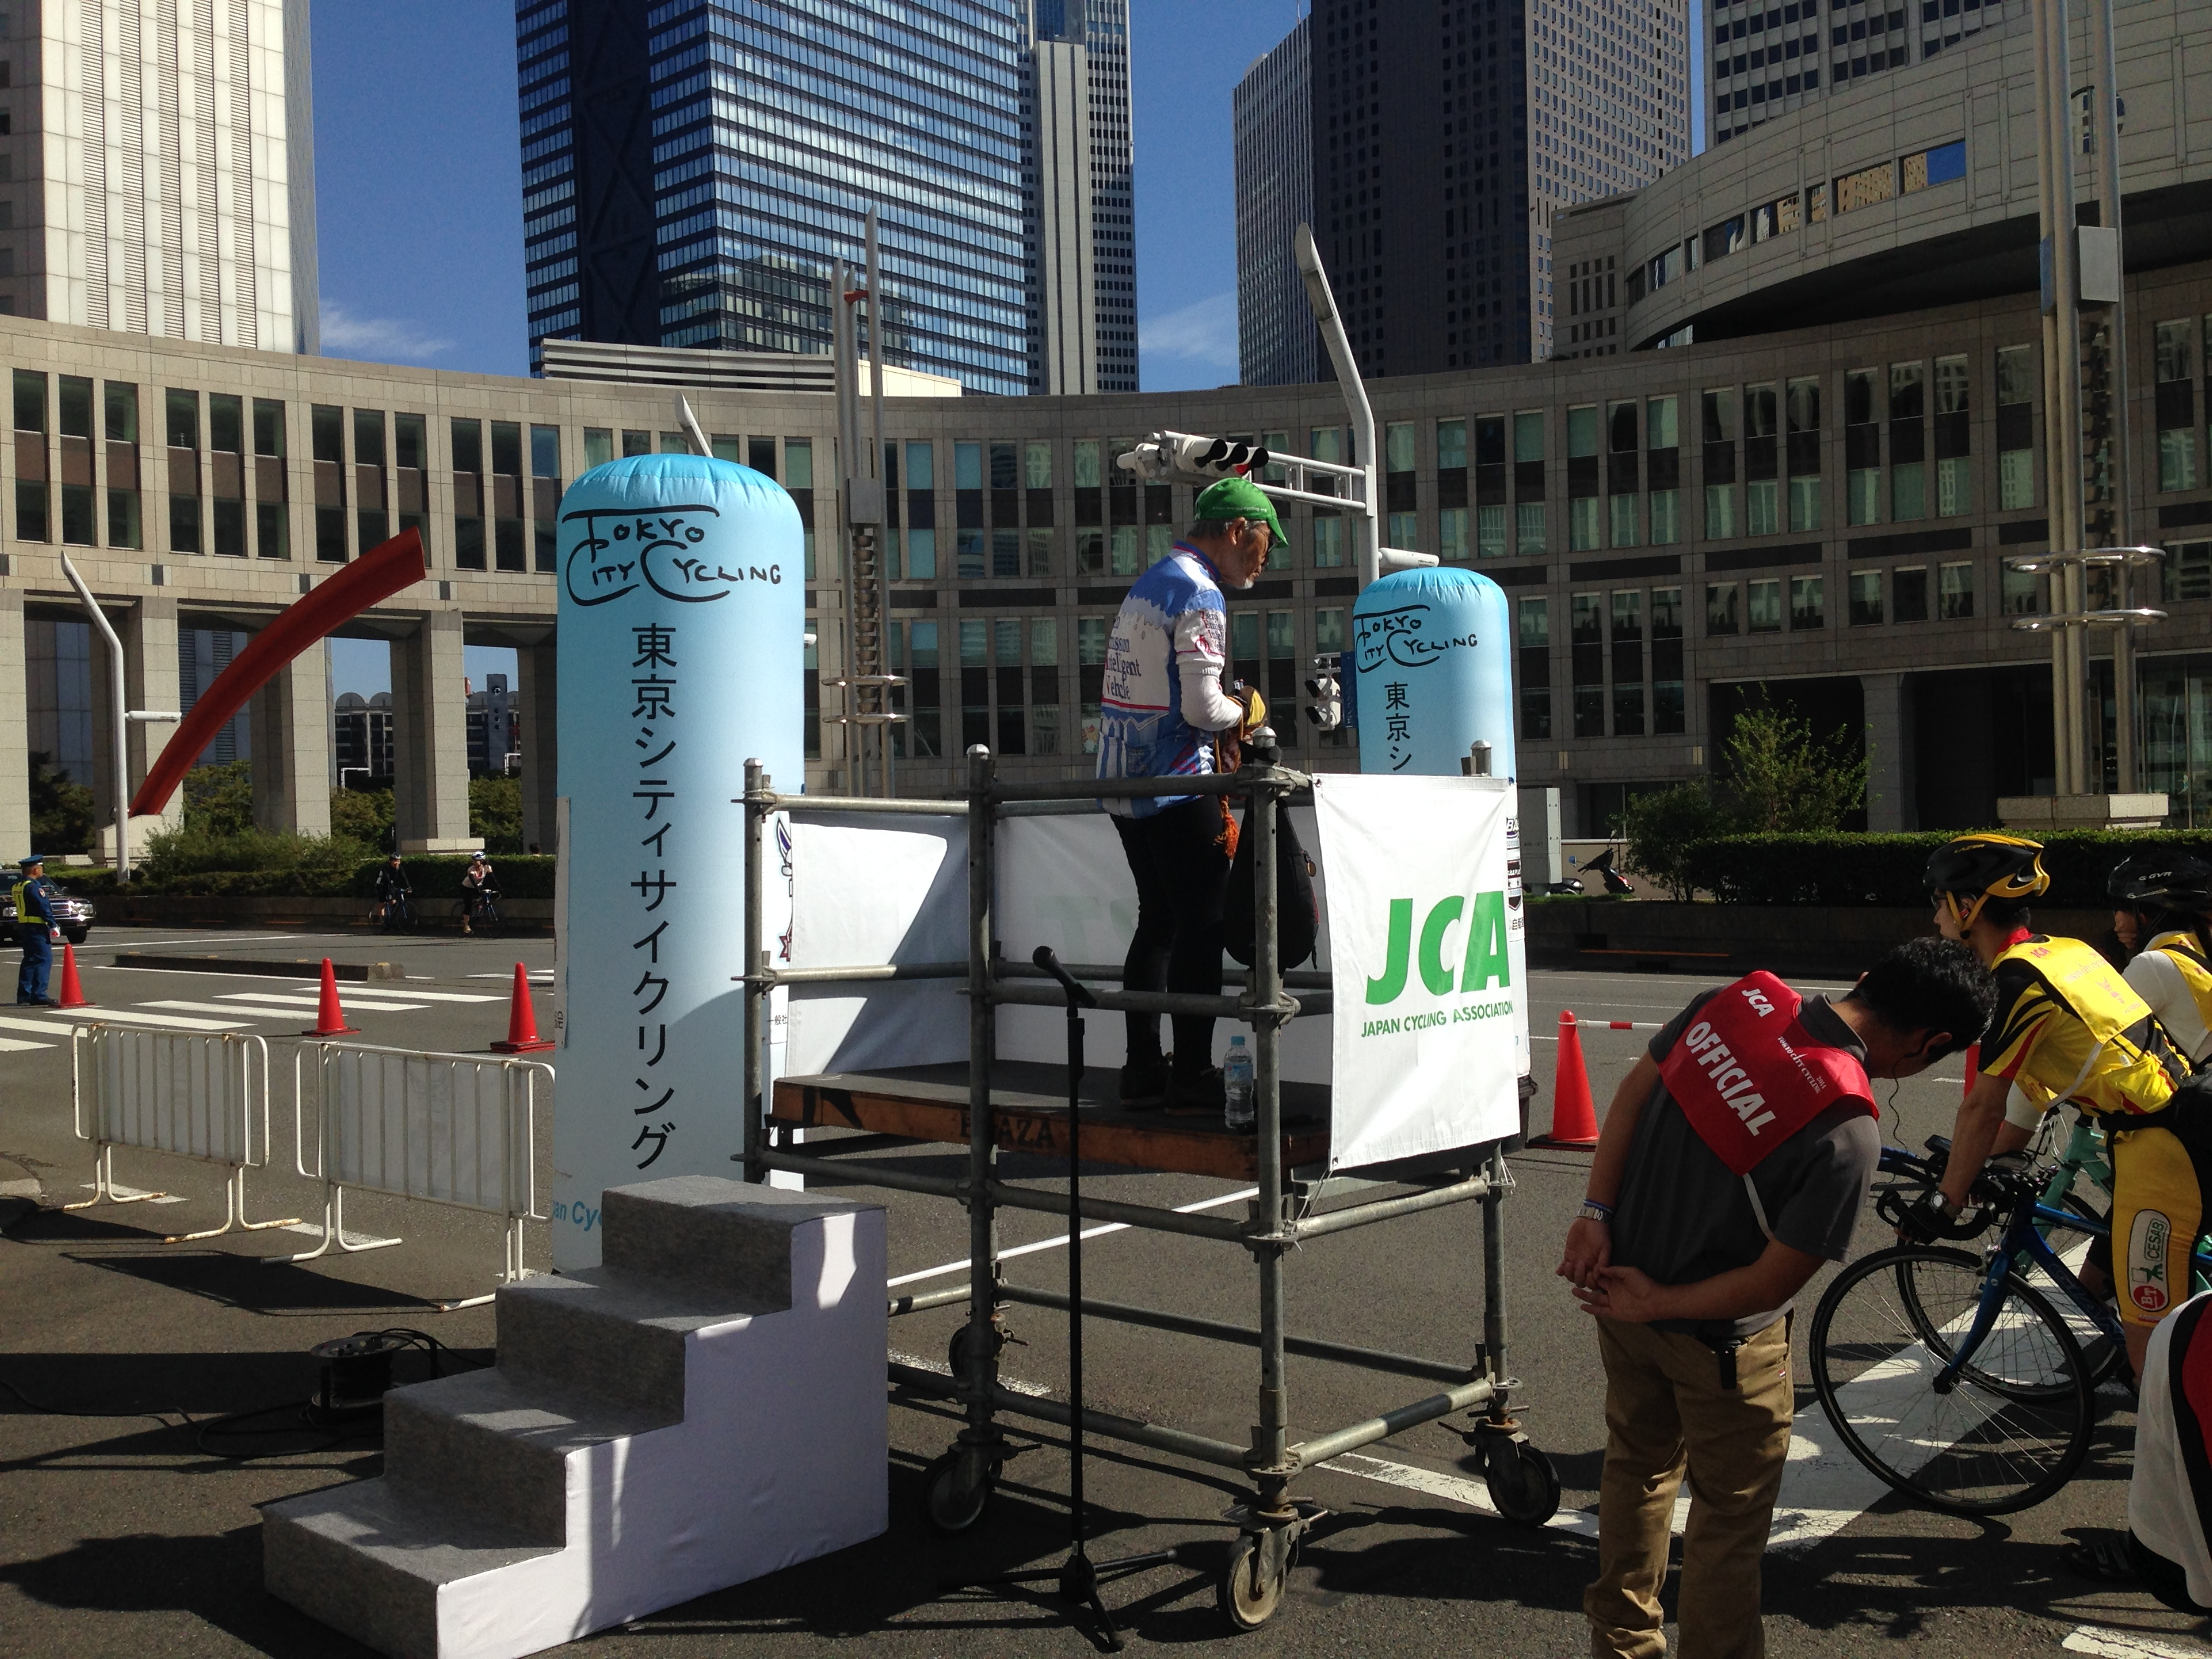 自転車の 東京バイク 自転車 評判 : 東京シティサイクリング2014 ...